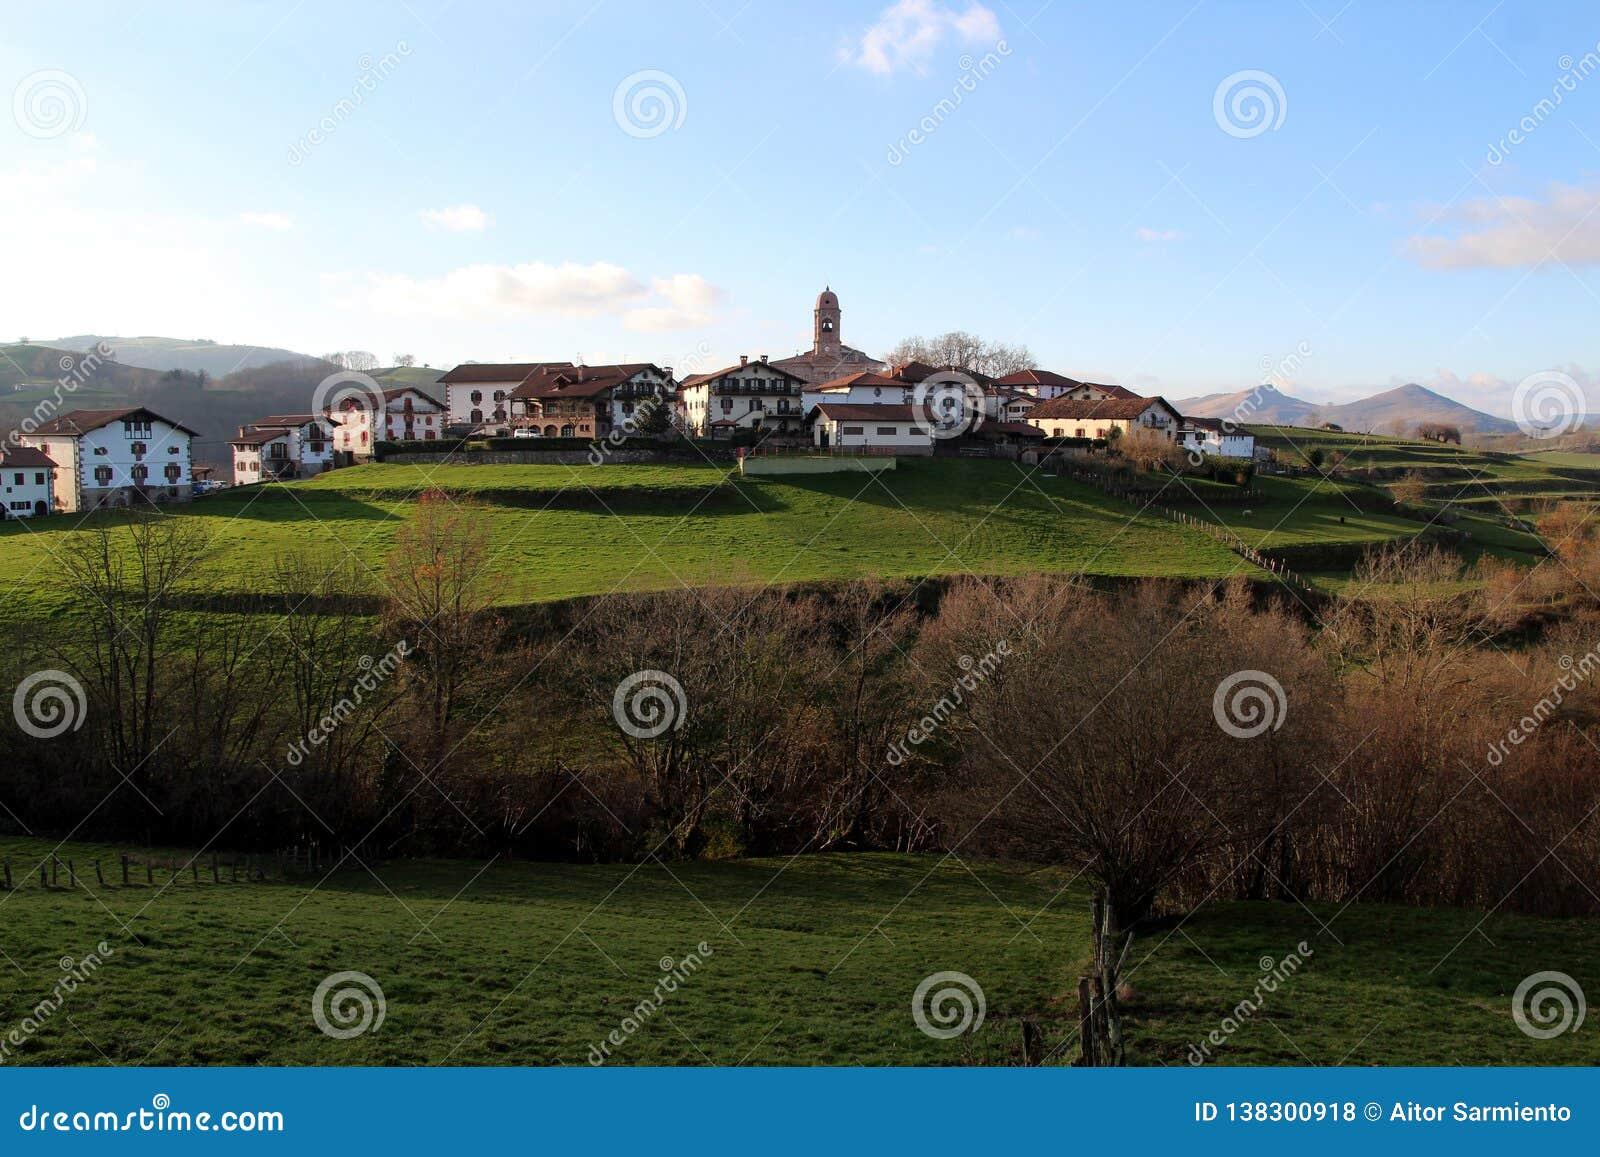 Ziga милая деревня устроенная удобно в долине Baztan navarre Испания